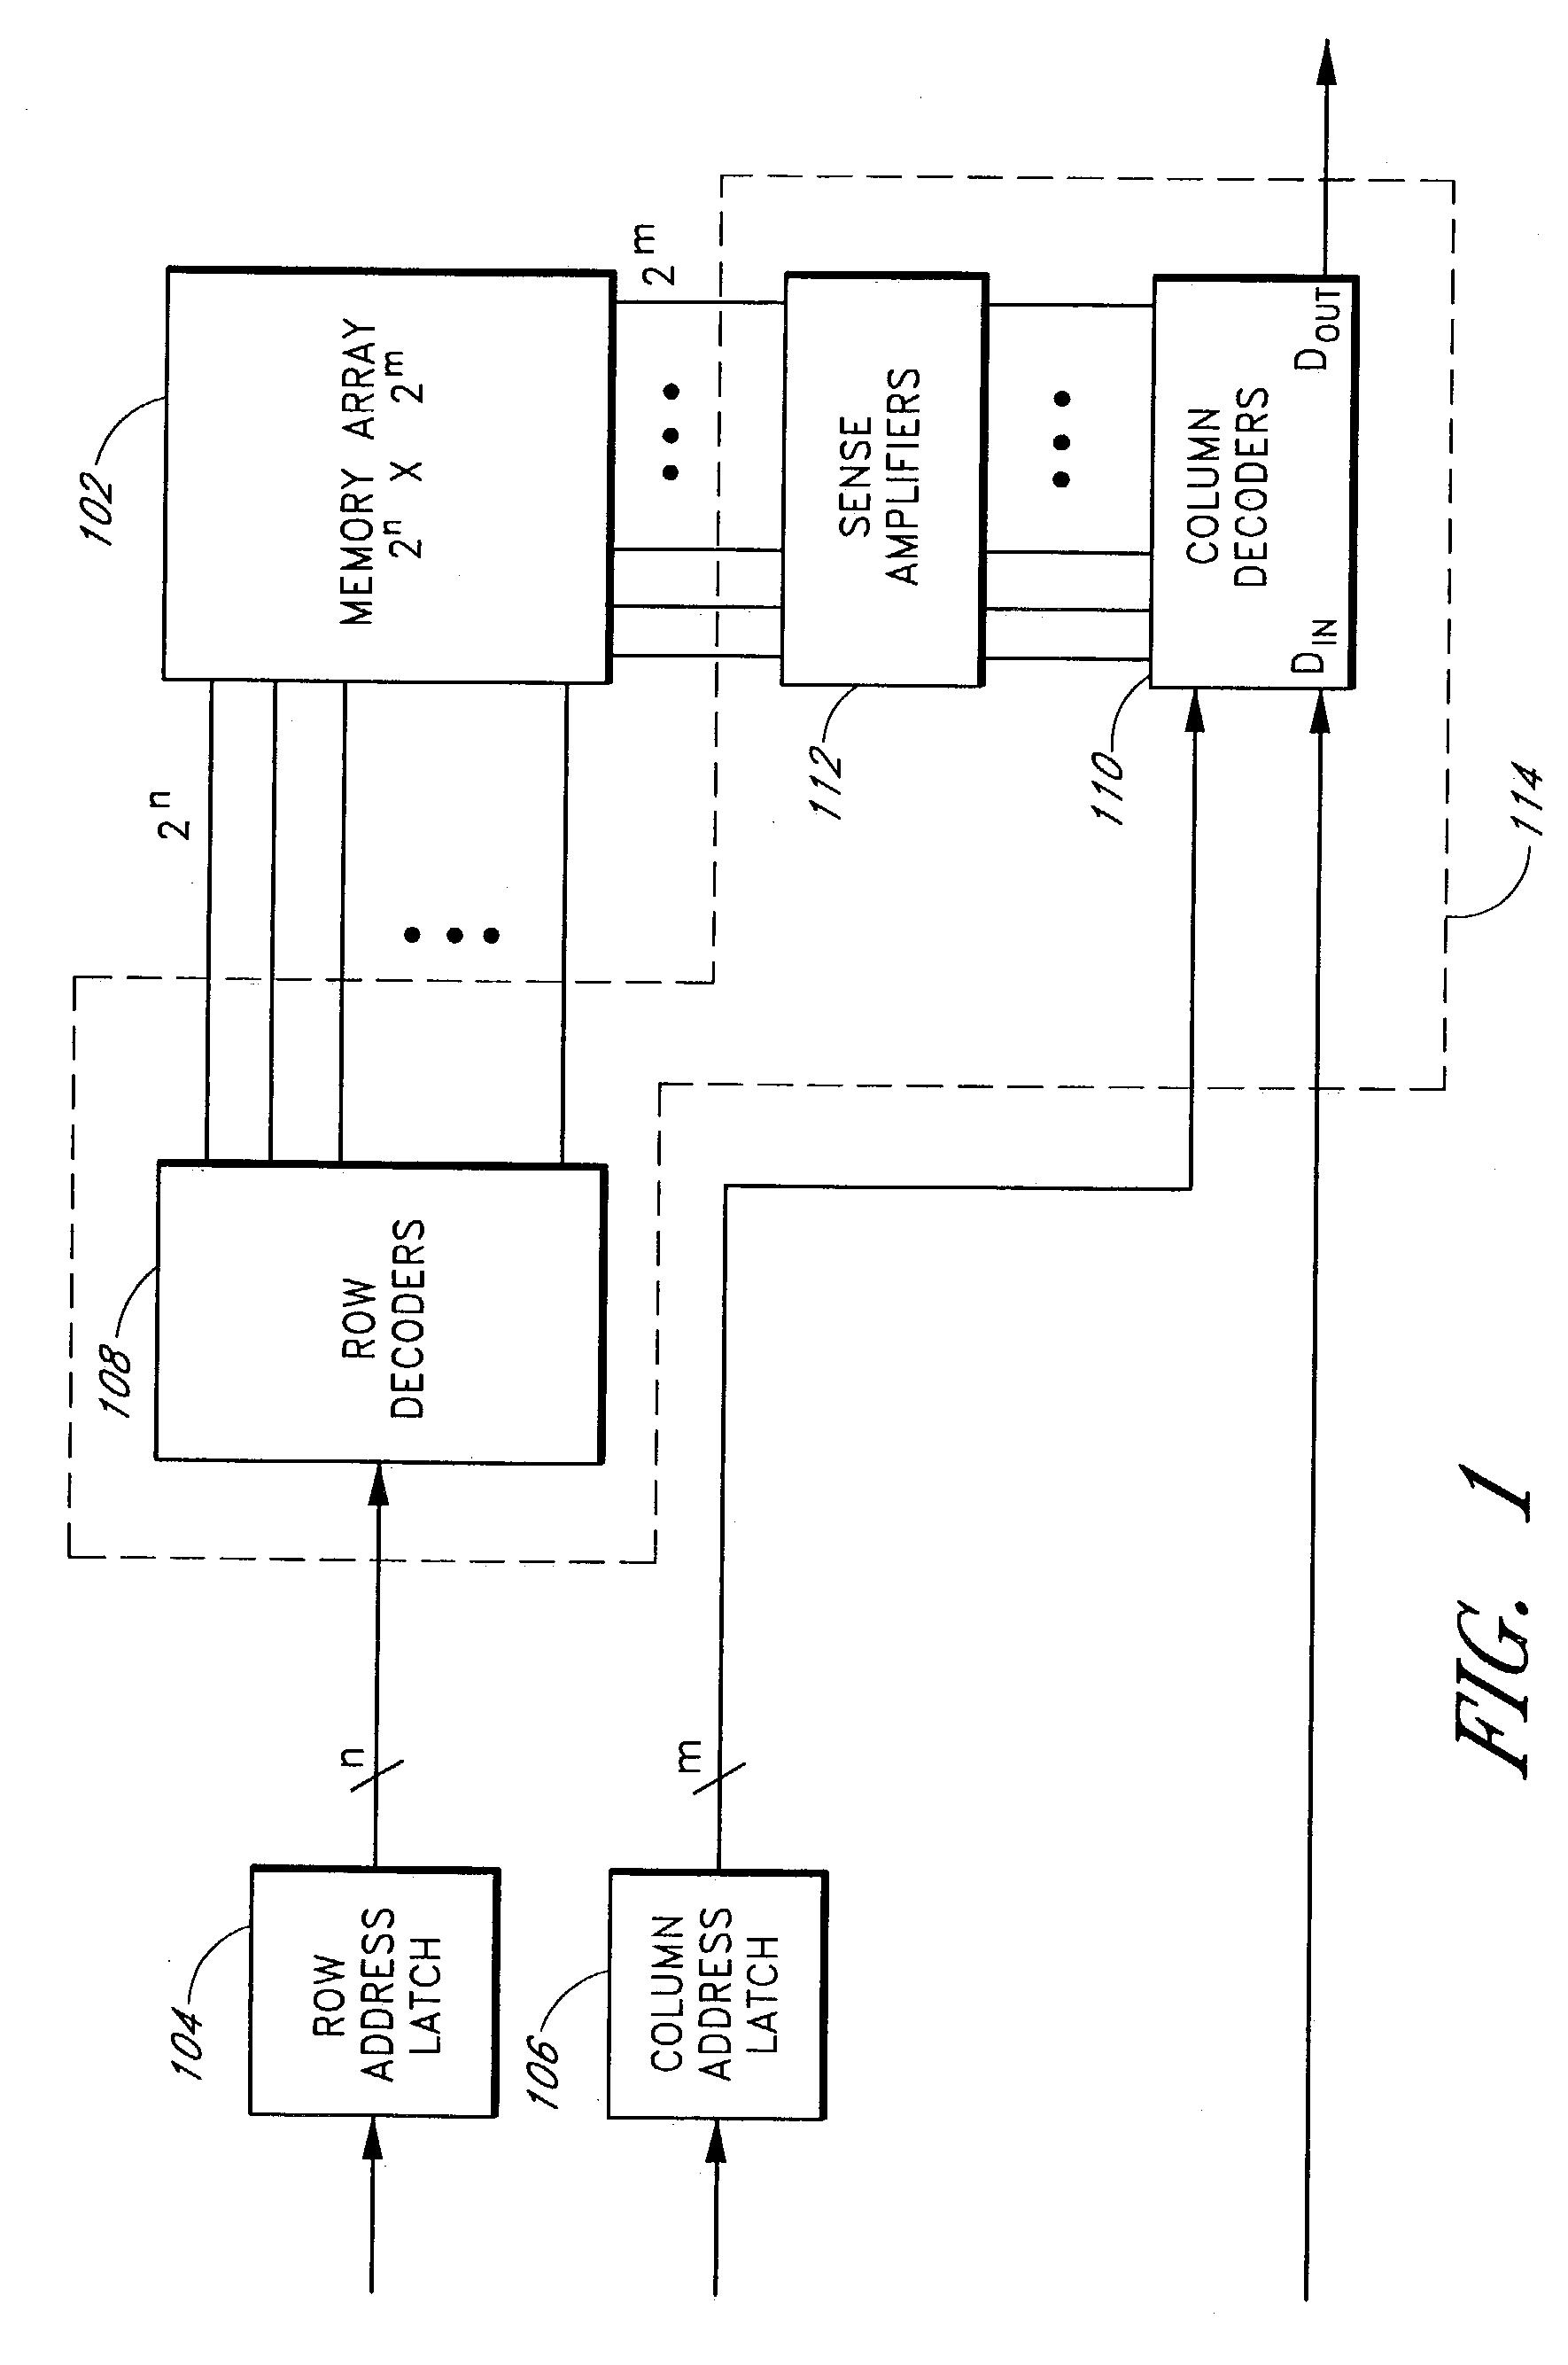 patent us7126200